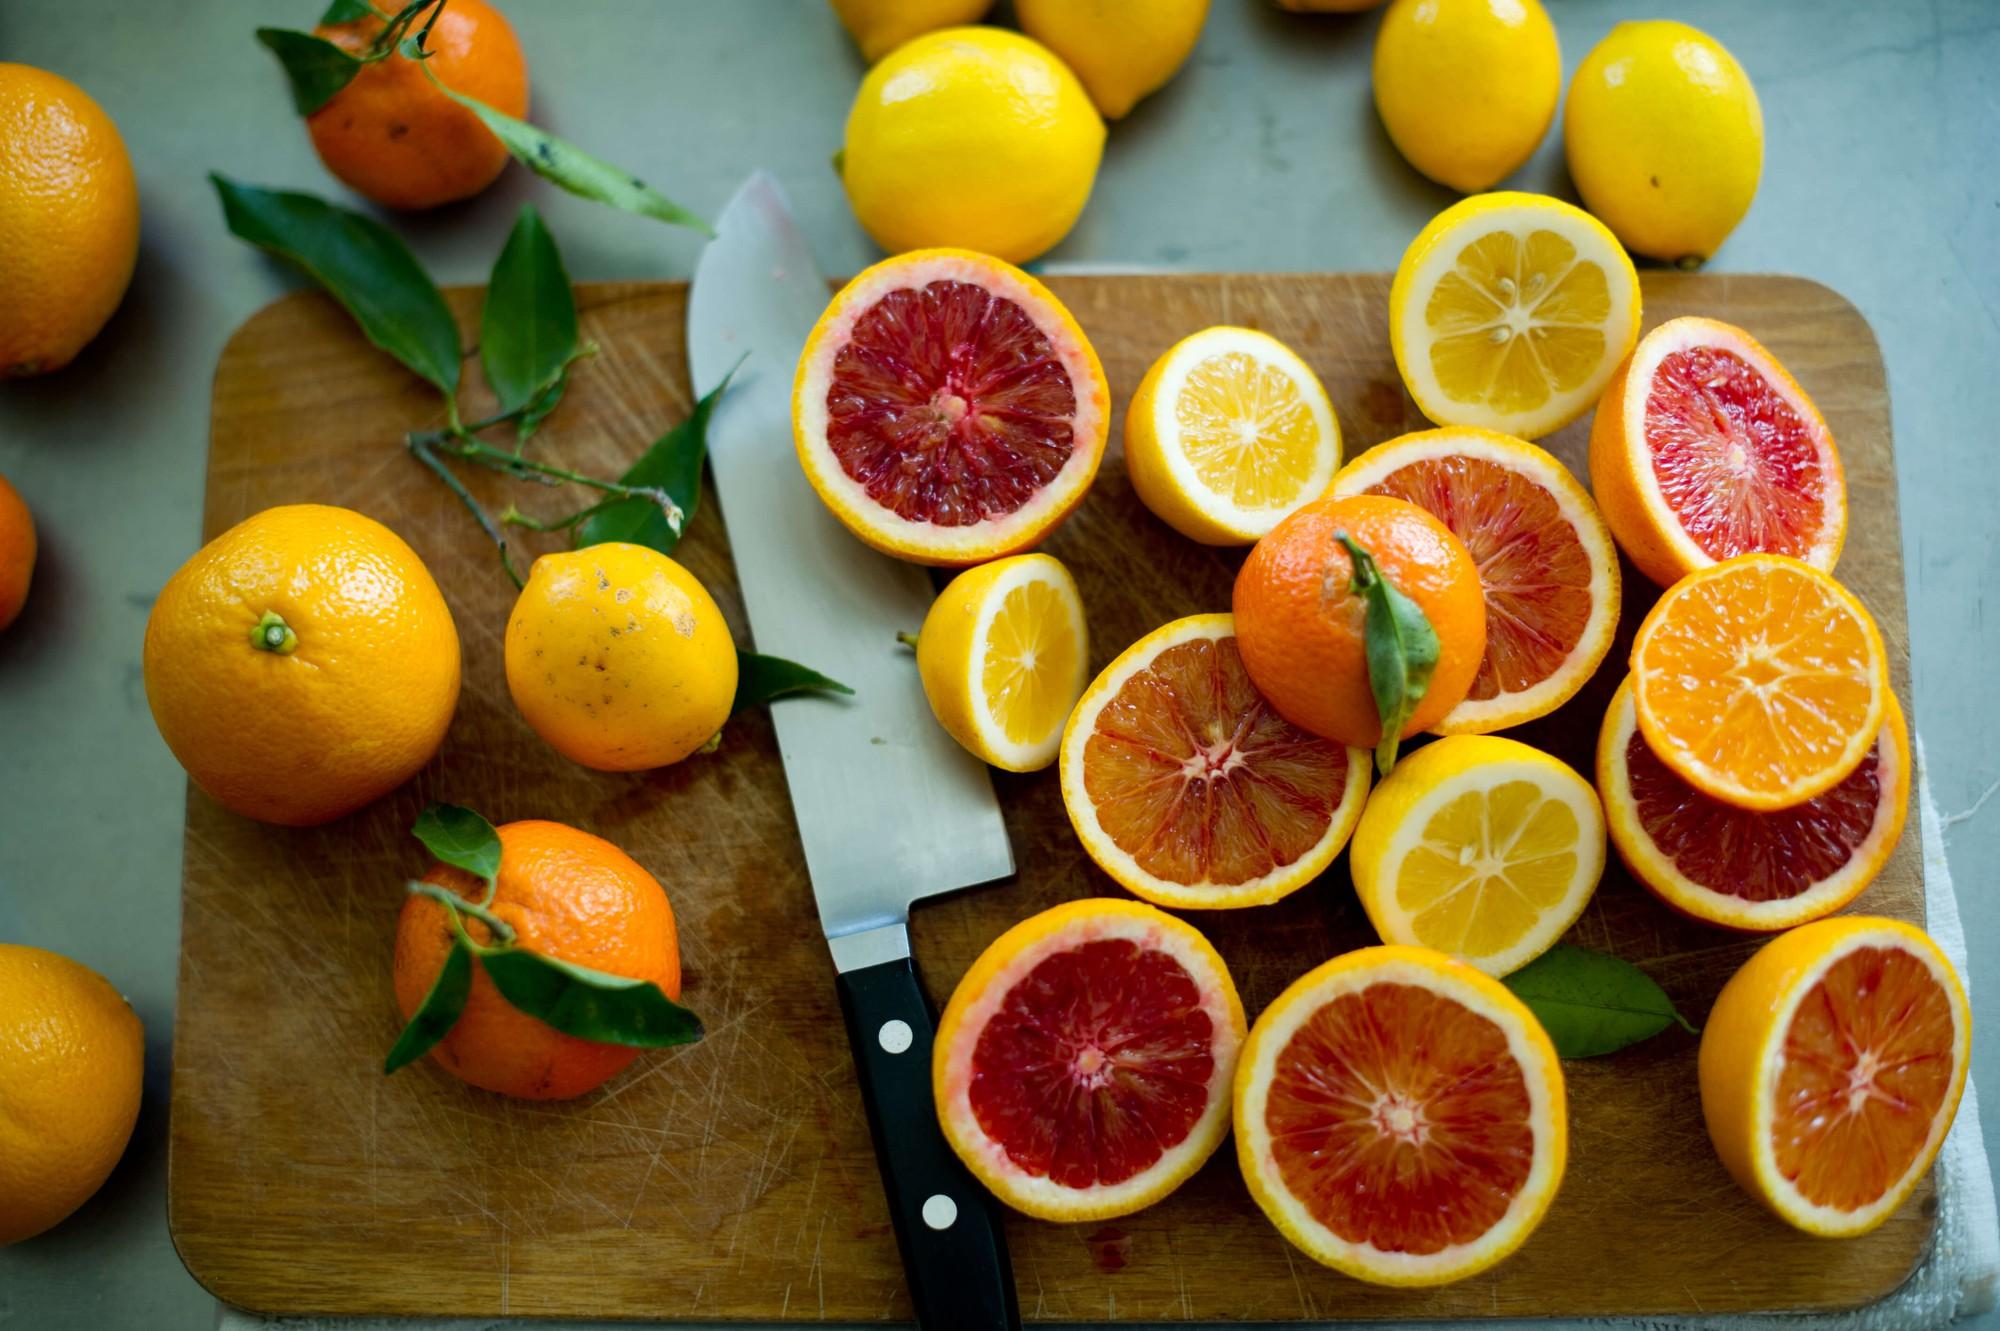 Chăm ăn 7 loại thực phẩm này giúp da giảm hẳn tình trạng nhờn mụn trong mùa hè - Ảnh 5.